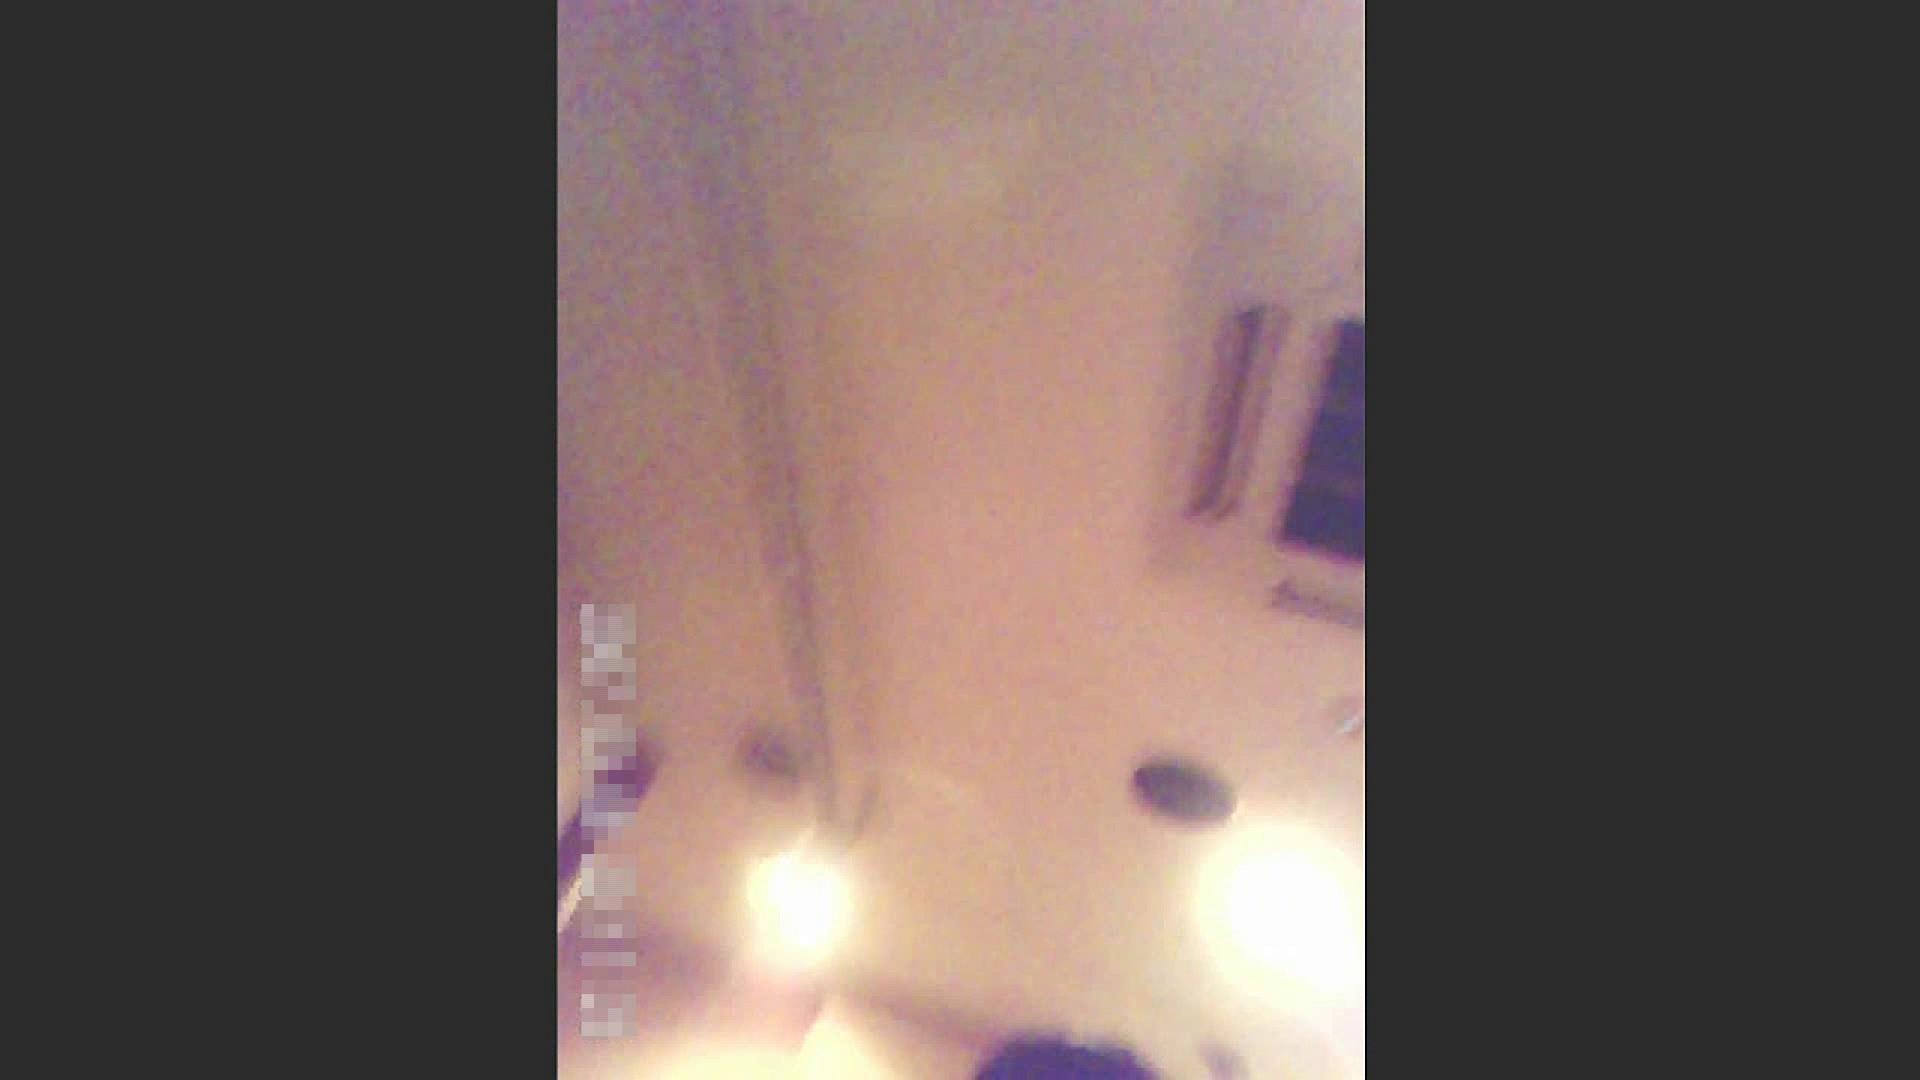 ▲復活限定D▲バトミントン部 みさこ  Vol.14 脱衣編 期間限定 盗撮エロ画像 66pic 8